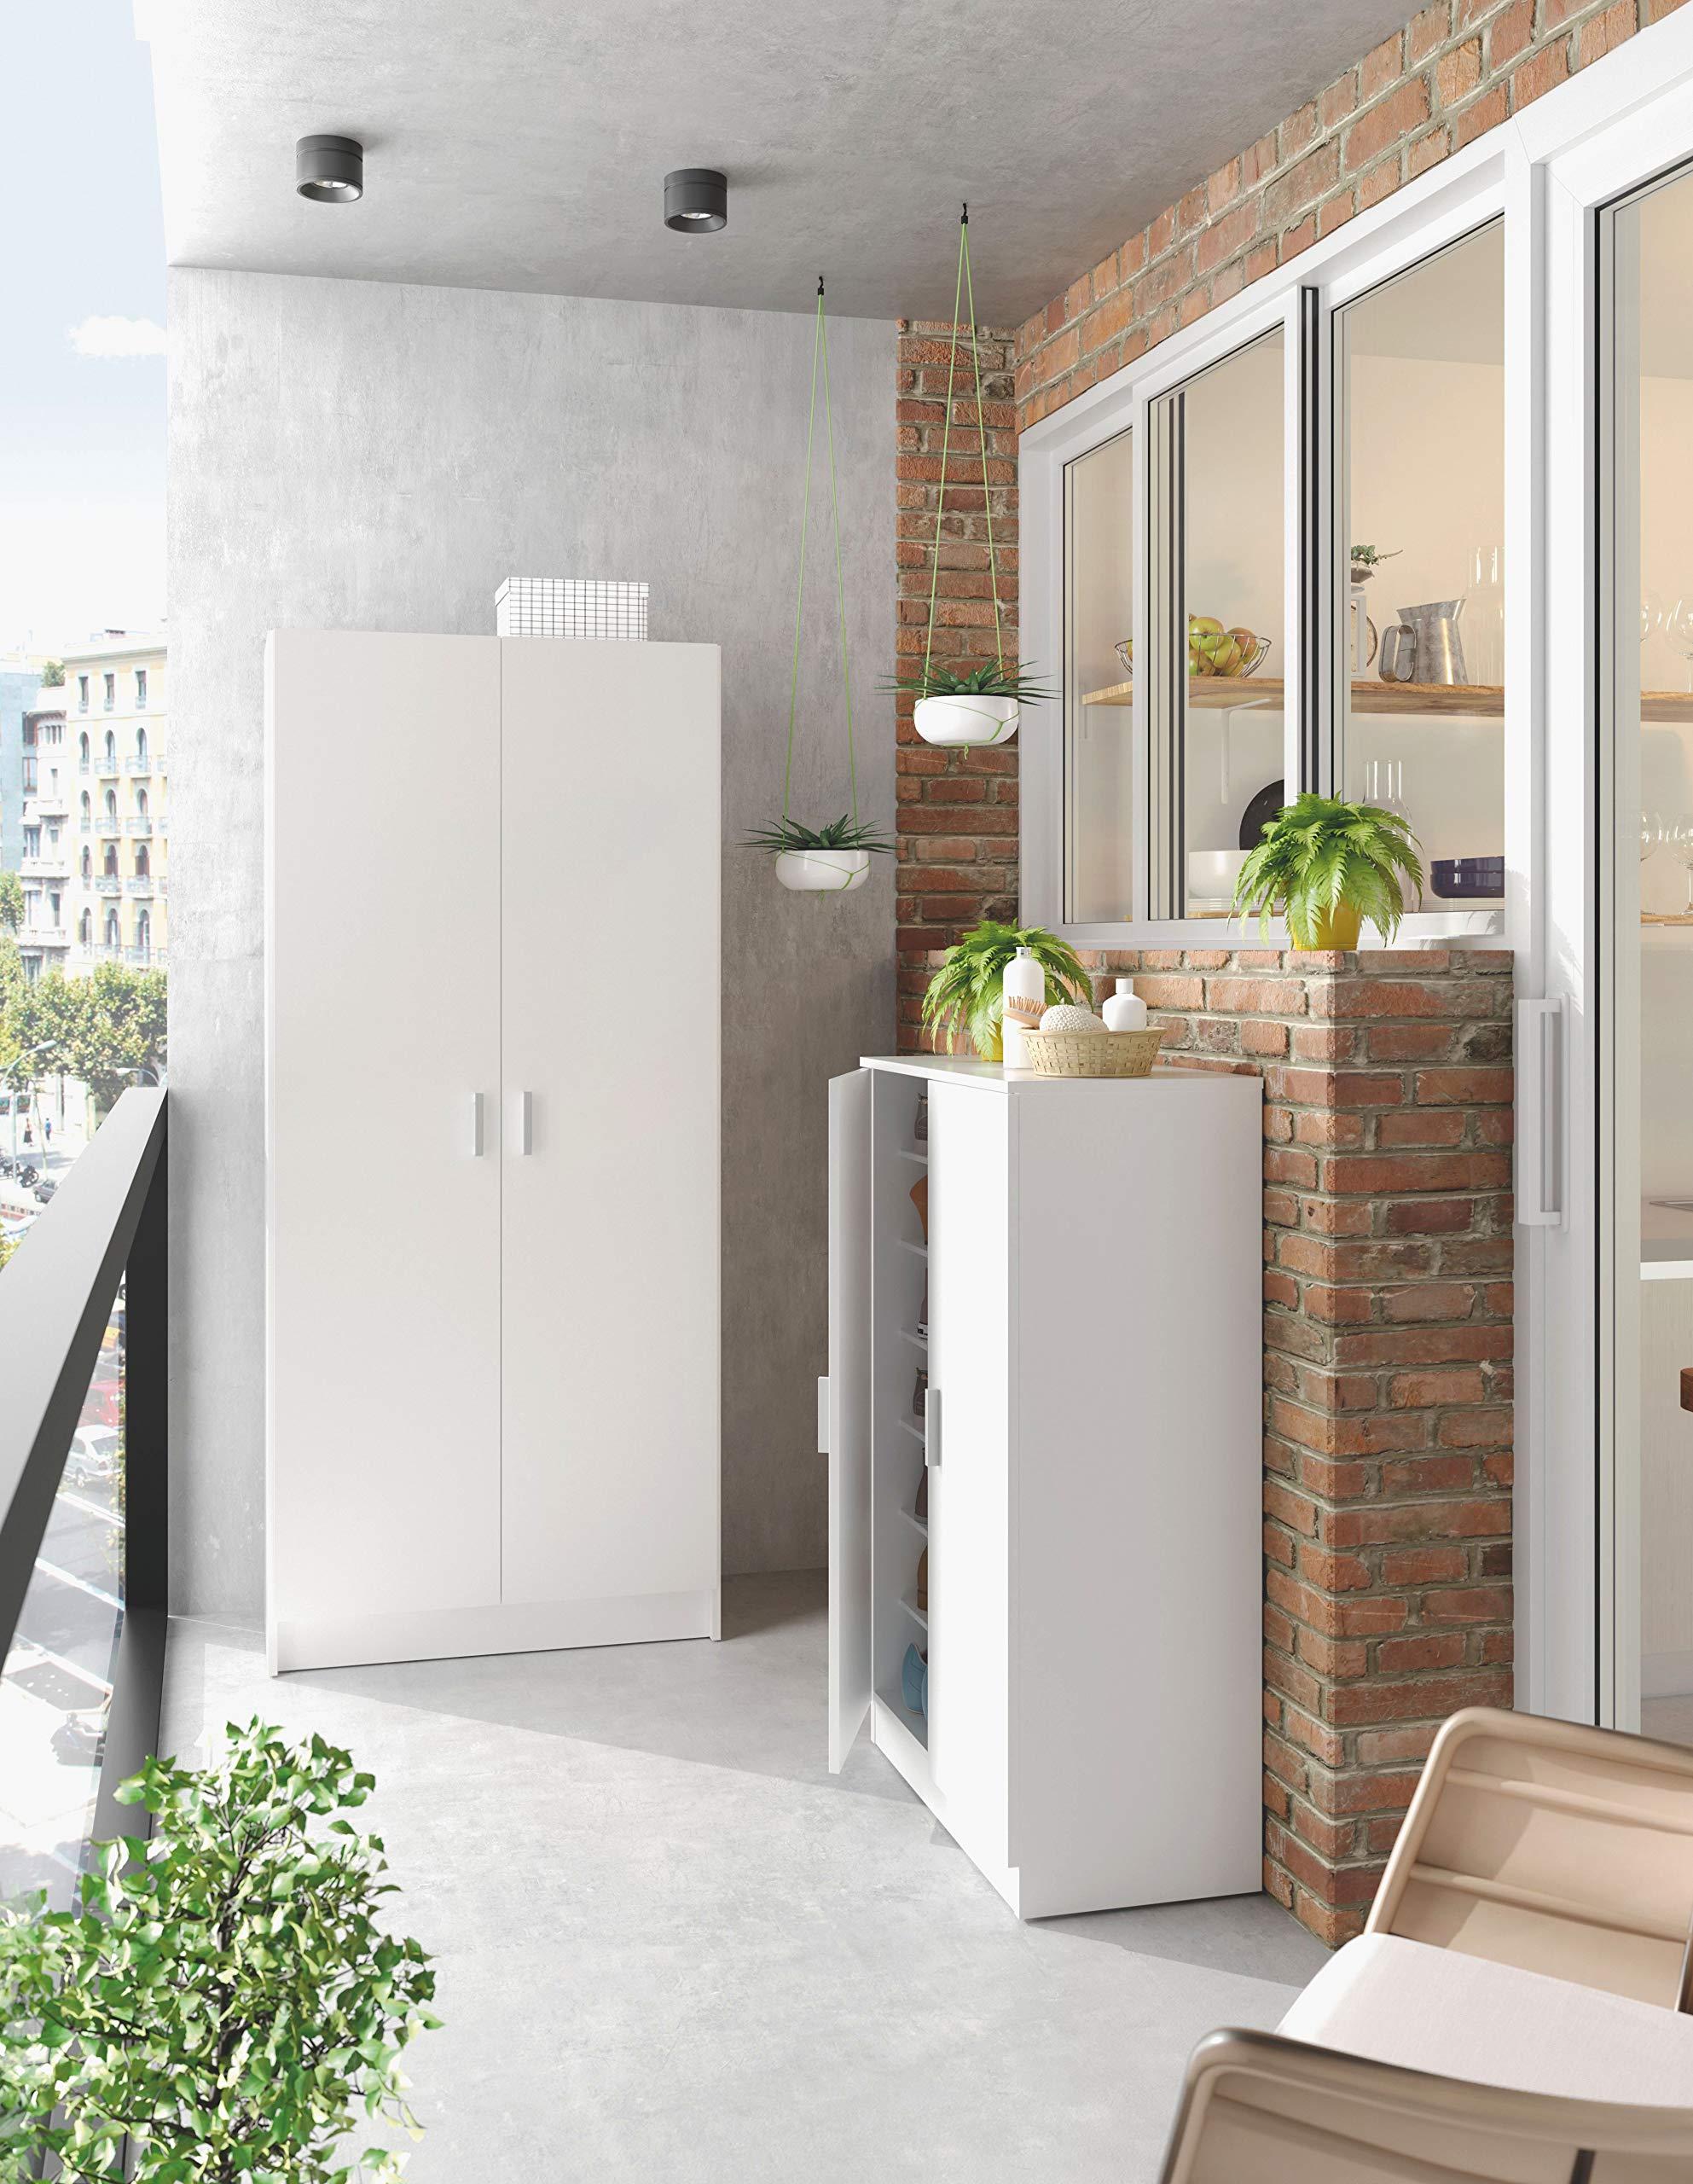 Habitdesign 007142O - Armario Multiusos escobero de 2 Puertas, Color Blanco Mate, Medidas: 73 cm (Largo) x180 cm (Alto) x 37 cm (Fondo): Amazon.es: Hogar